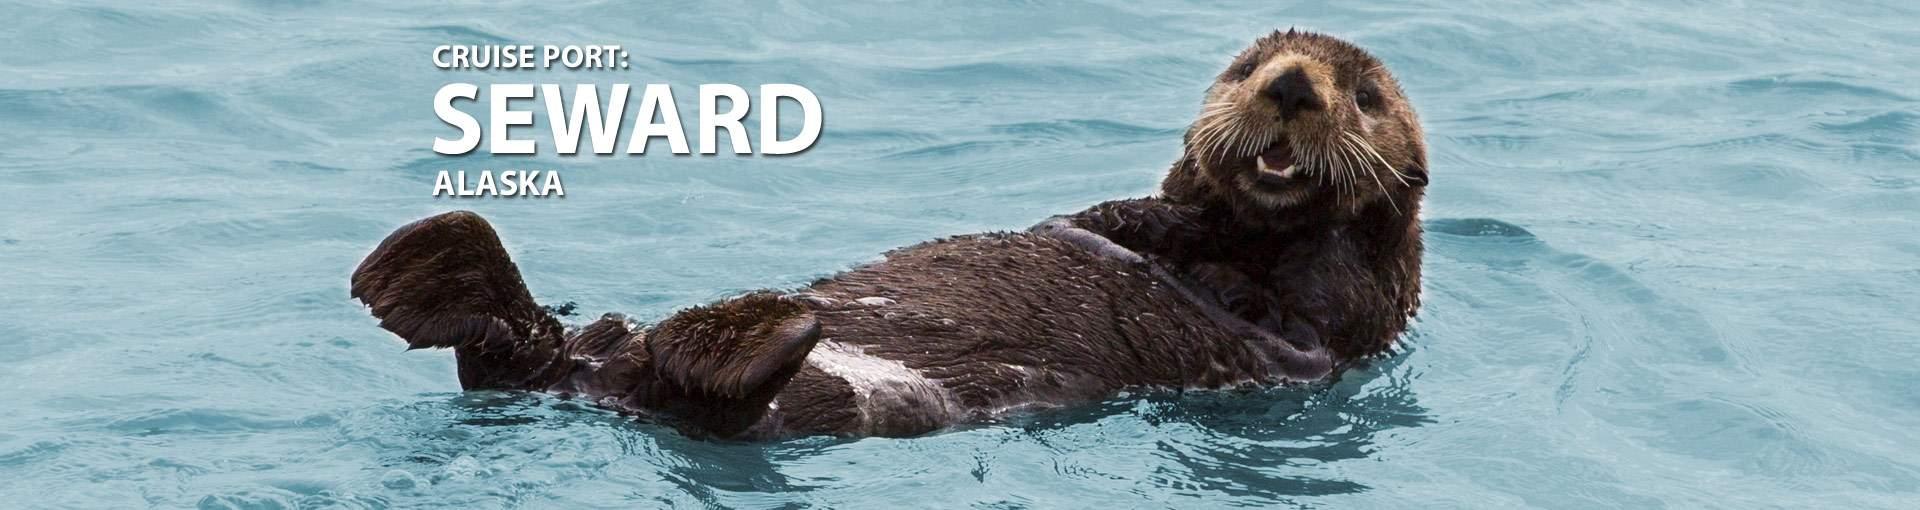 Cruise Port: Seward, Alaska